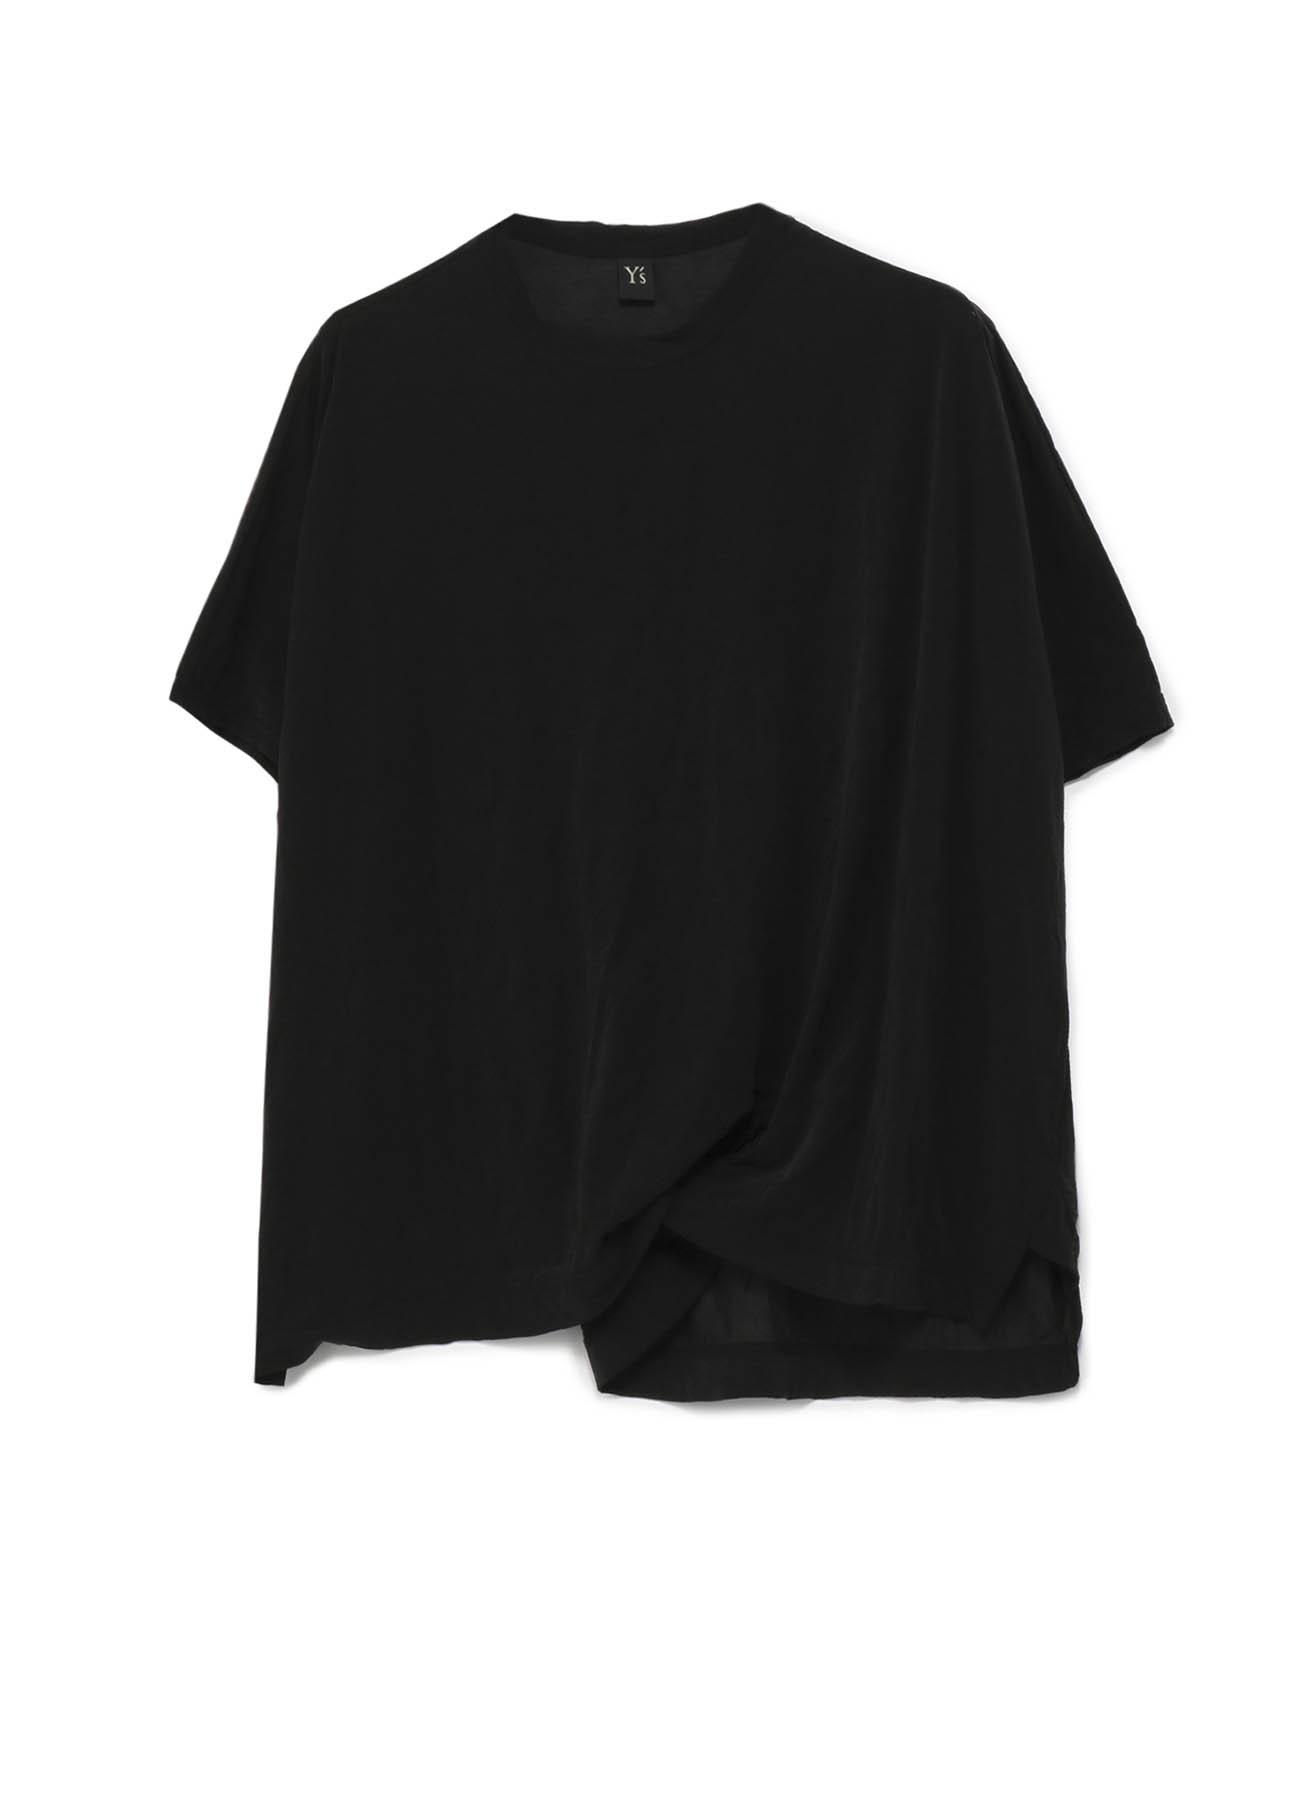 ポリエステル天竺シワ 裾ネジリTシャツ